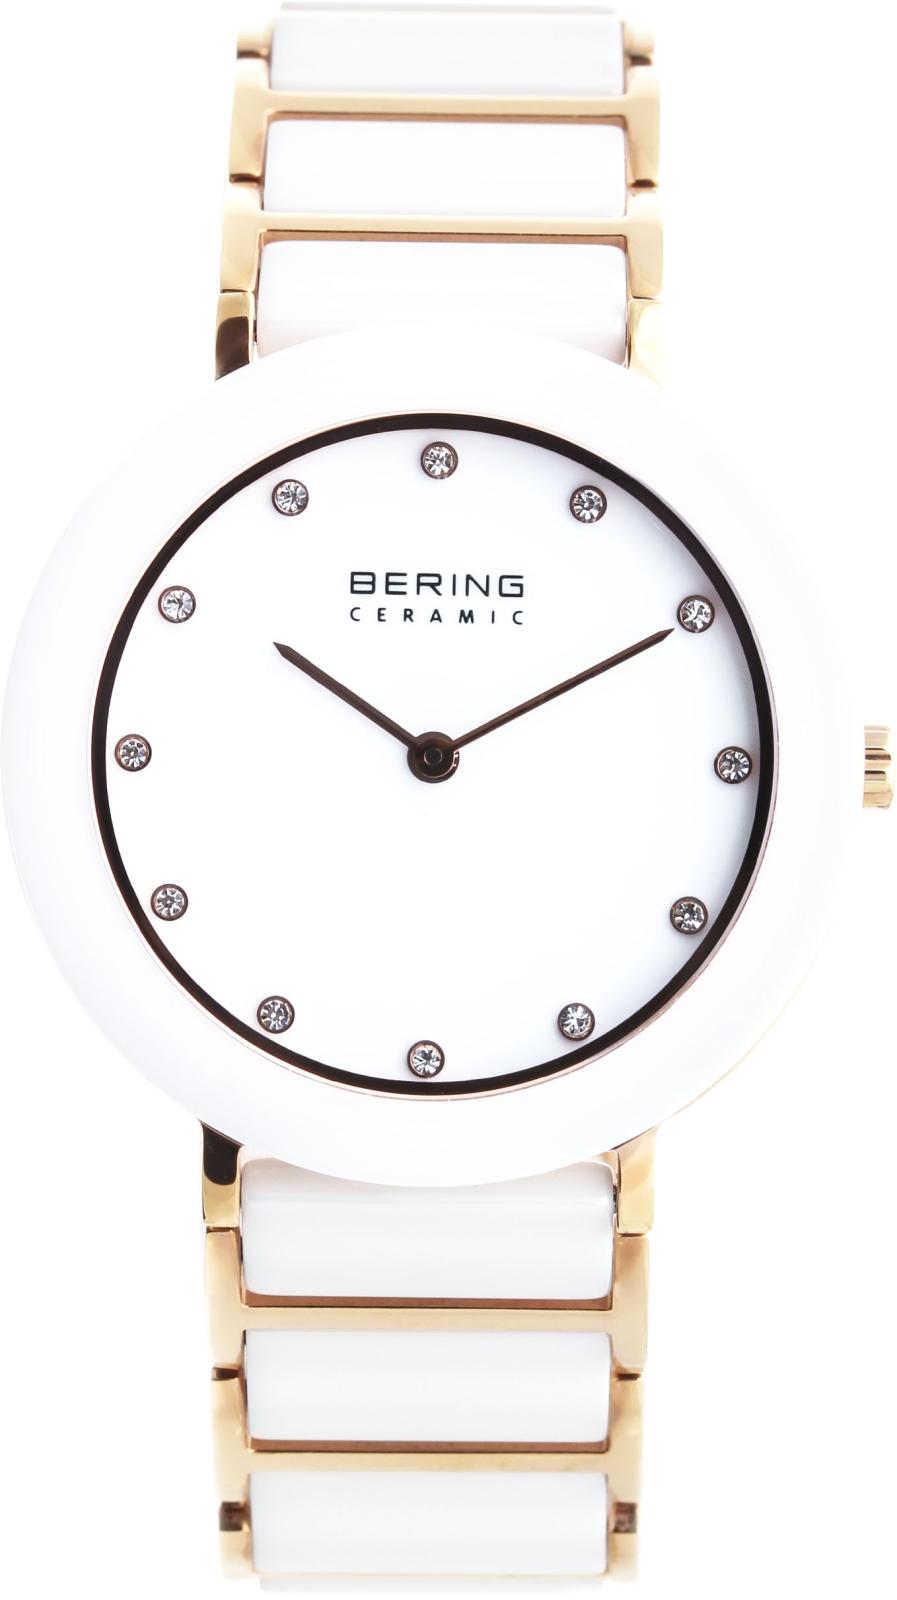 Bering Ceramic 11435-766Наручные часы<br>Датские часы Bering Ceramic 11435-766<br><br>Пол: Женские<br>Страна-производитель: Дания<br>Механизм: Кварцевый<br>Материал корпуса: Сталь<br>Материал ремня/браслета: Сталь<br>Водозащита, диапазон: 20 - 100 м<br>Стекло: Сапфировое<br>Толщина корпуса: None<br>Стиль: Классика